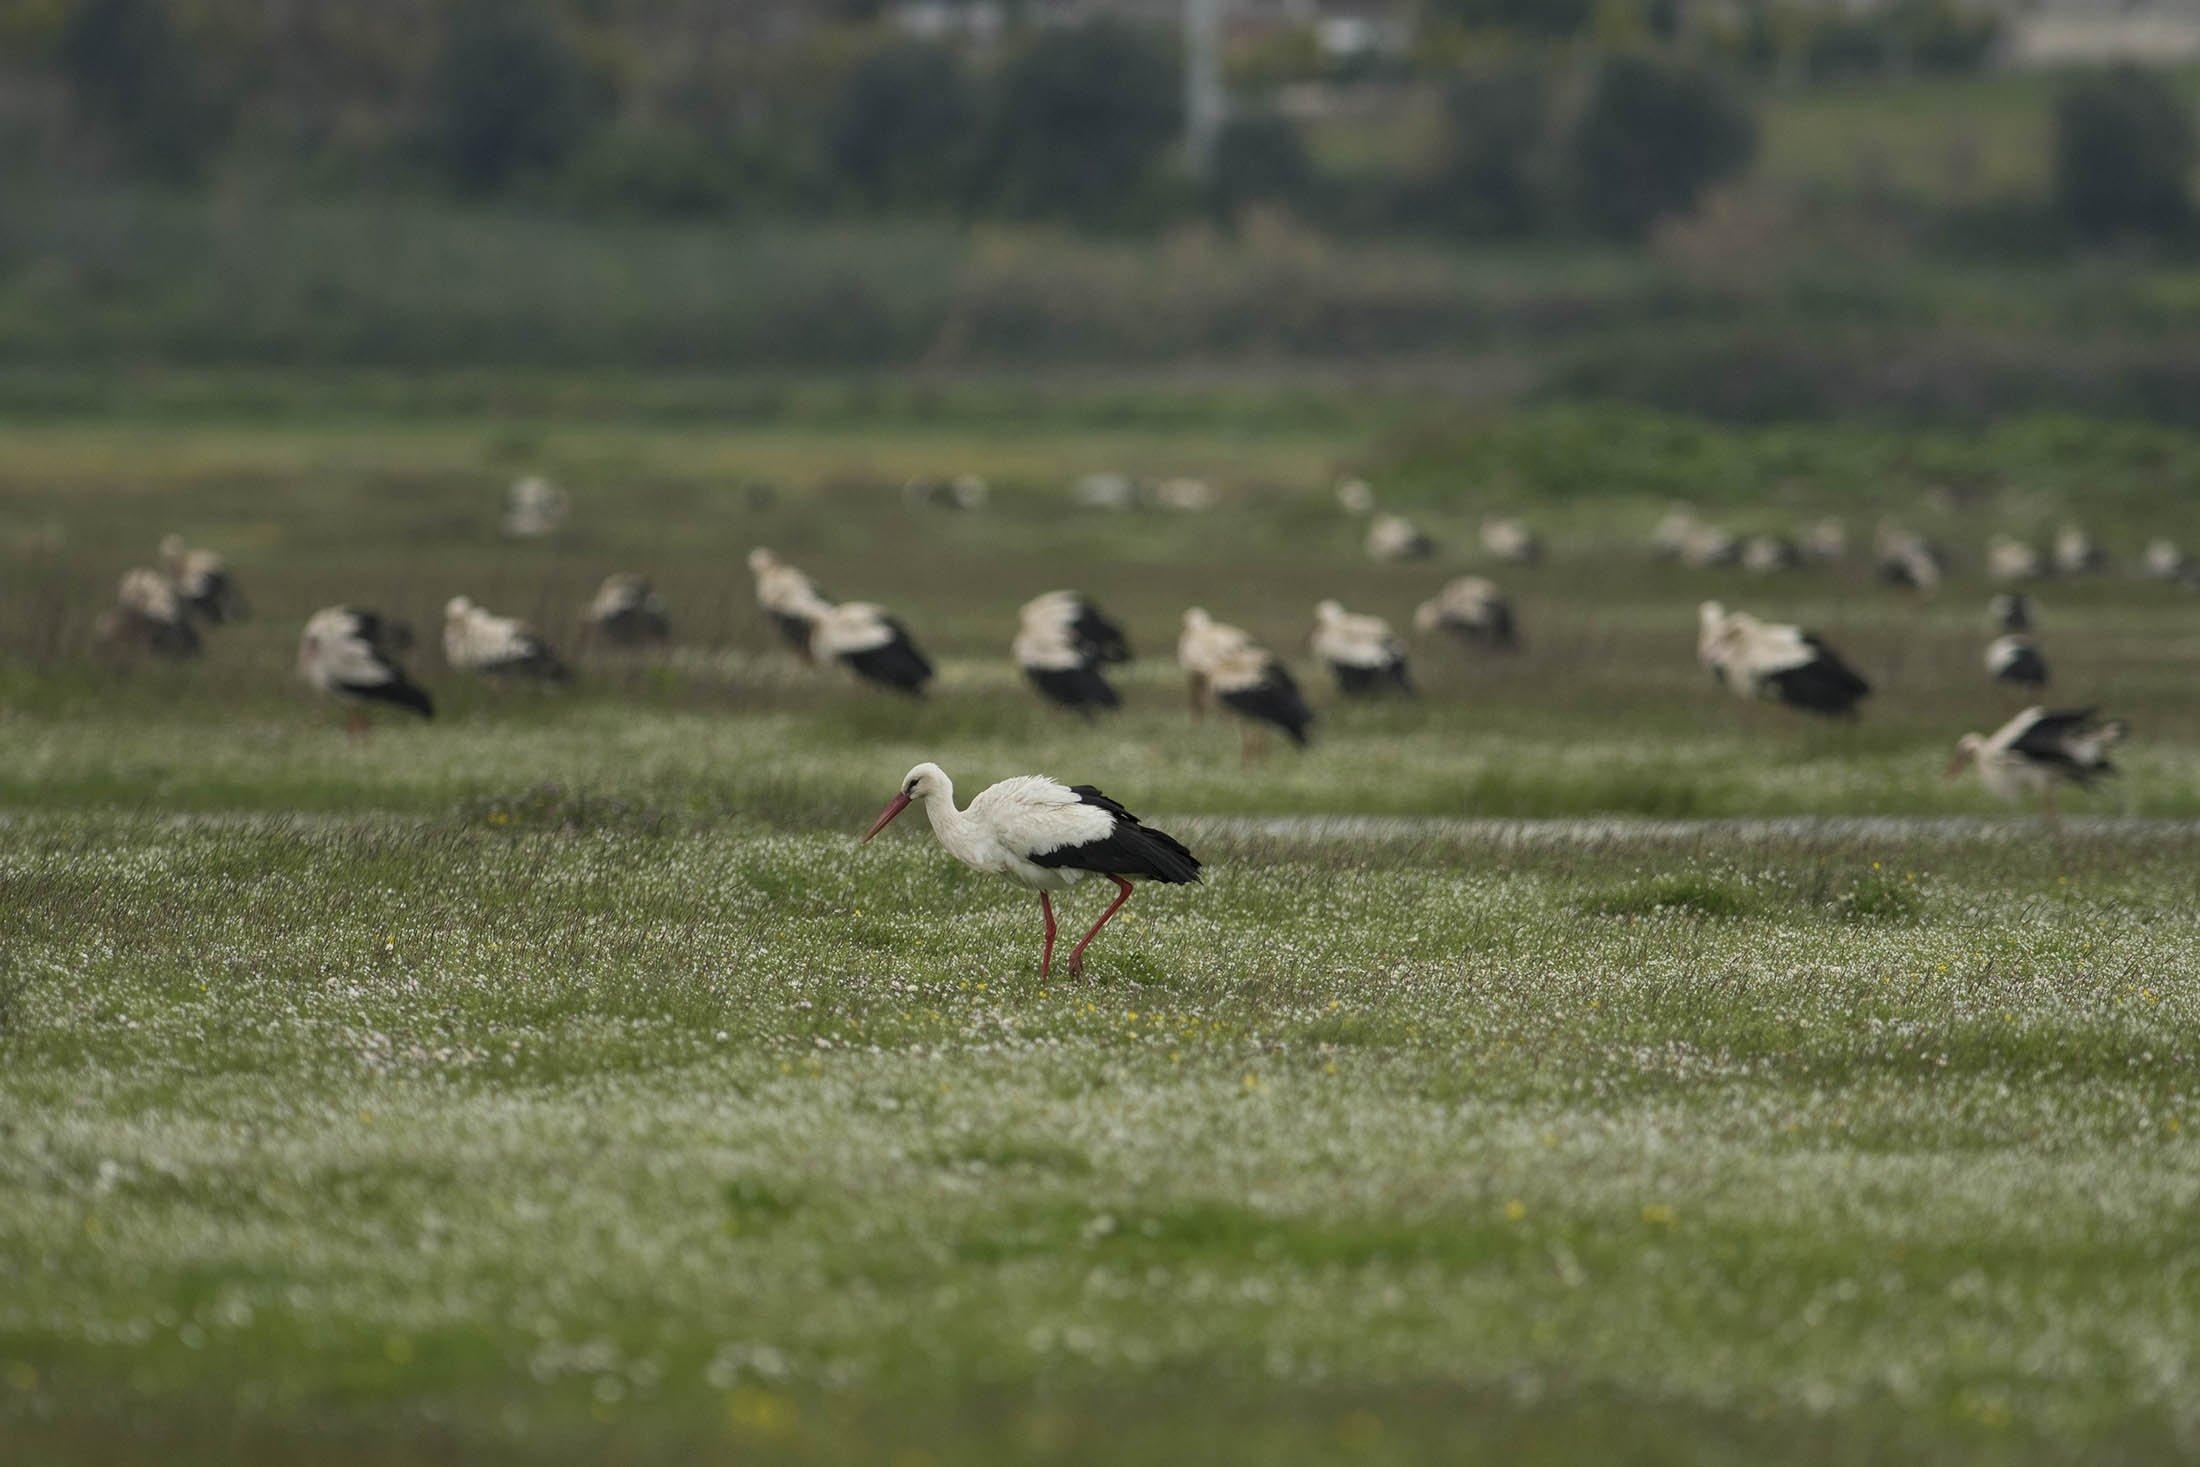 Şubat ayının son haftasında Türkiye'nin kuzeybatısındaki bursadaki bataklıklara leylekler karaya çıkmaya başladı.  (IHA fotoğrafı)